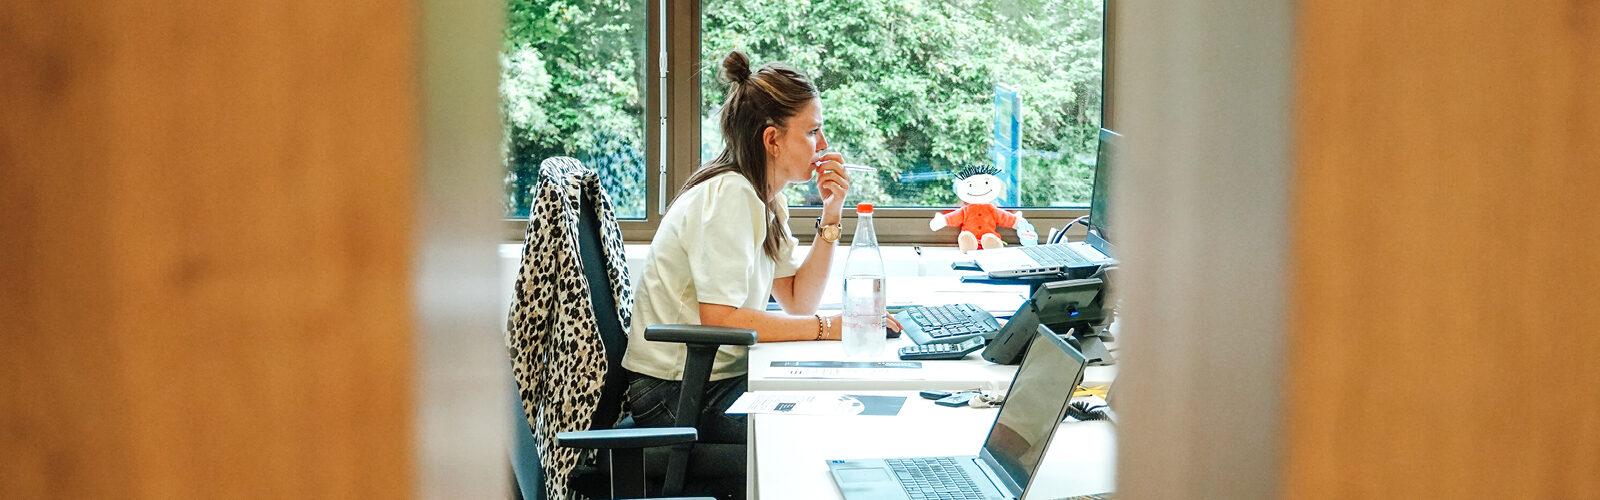 vacature-recruiter-office-werken-bij-recrewtment